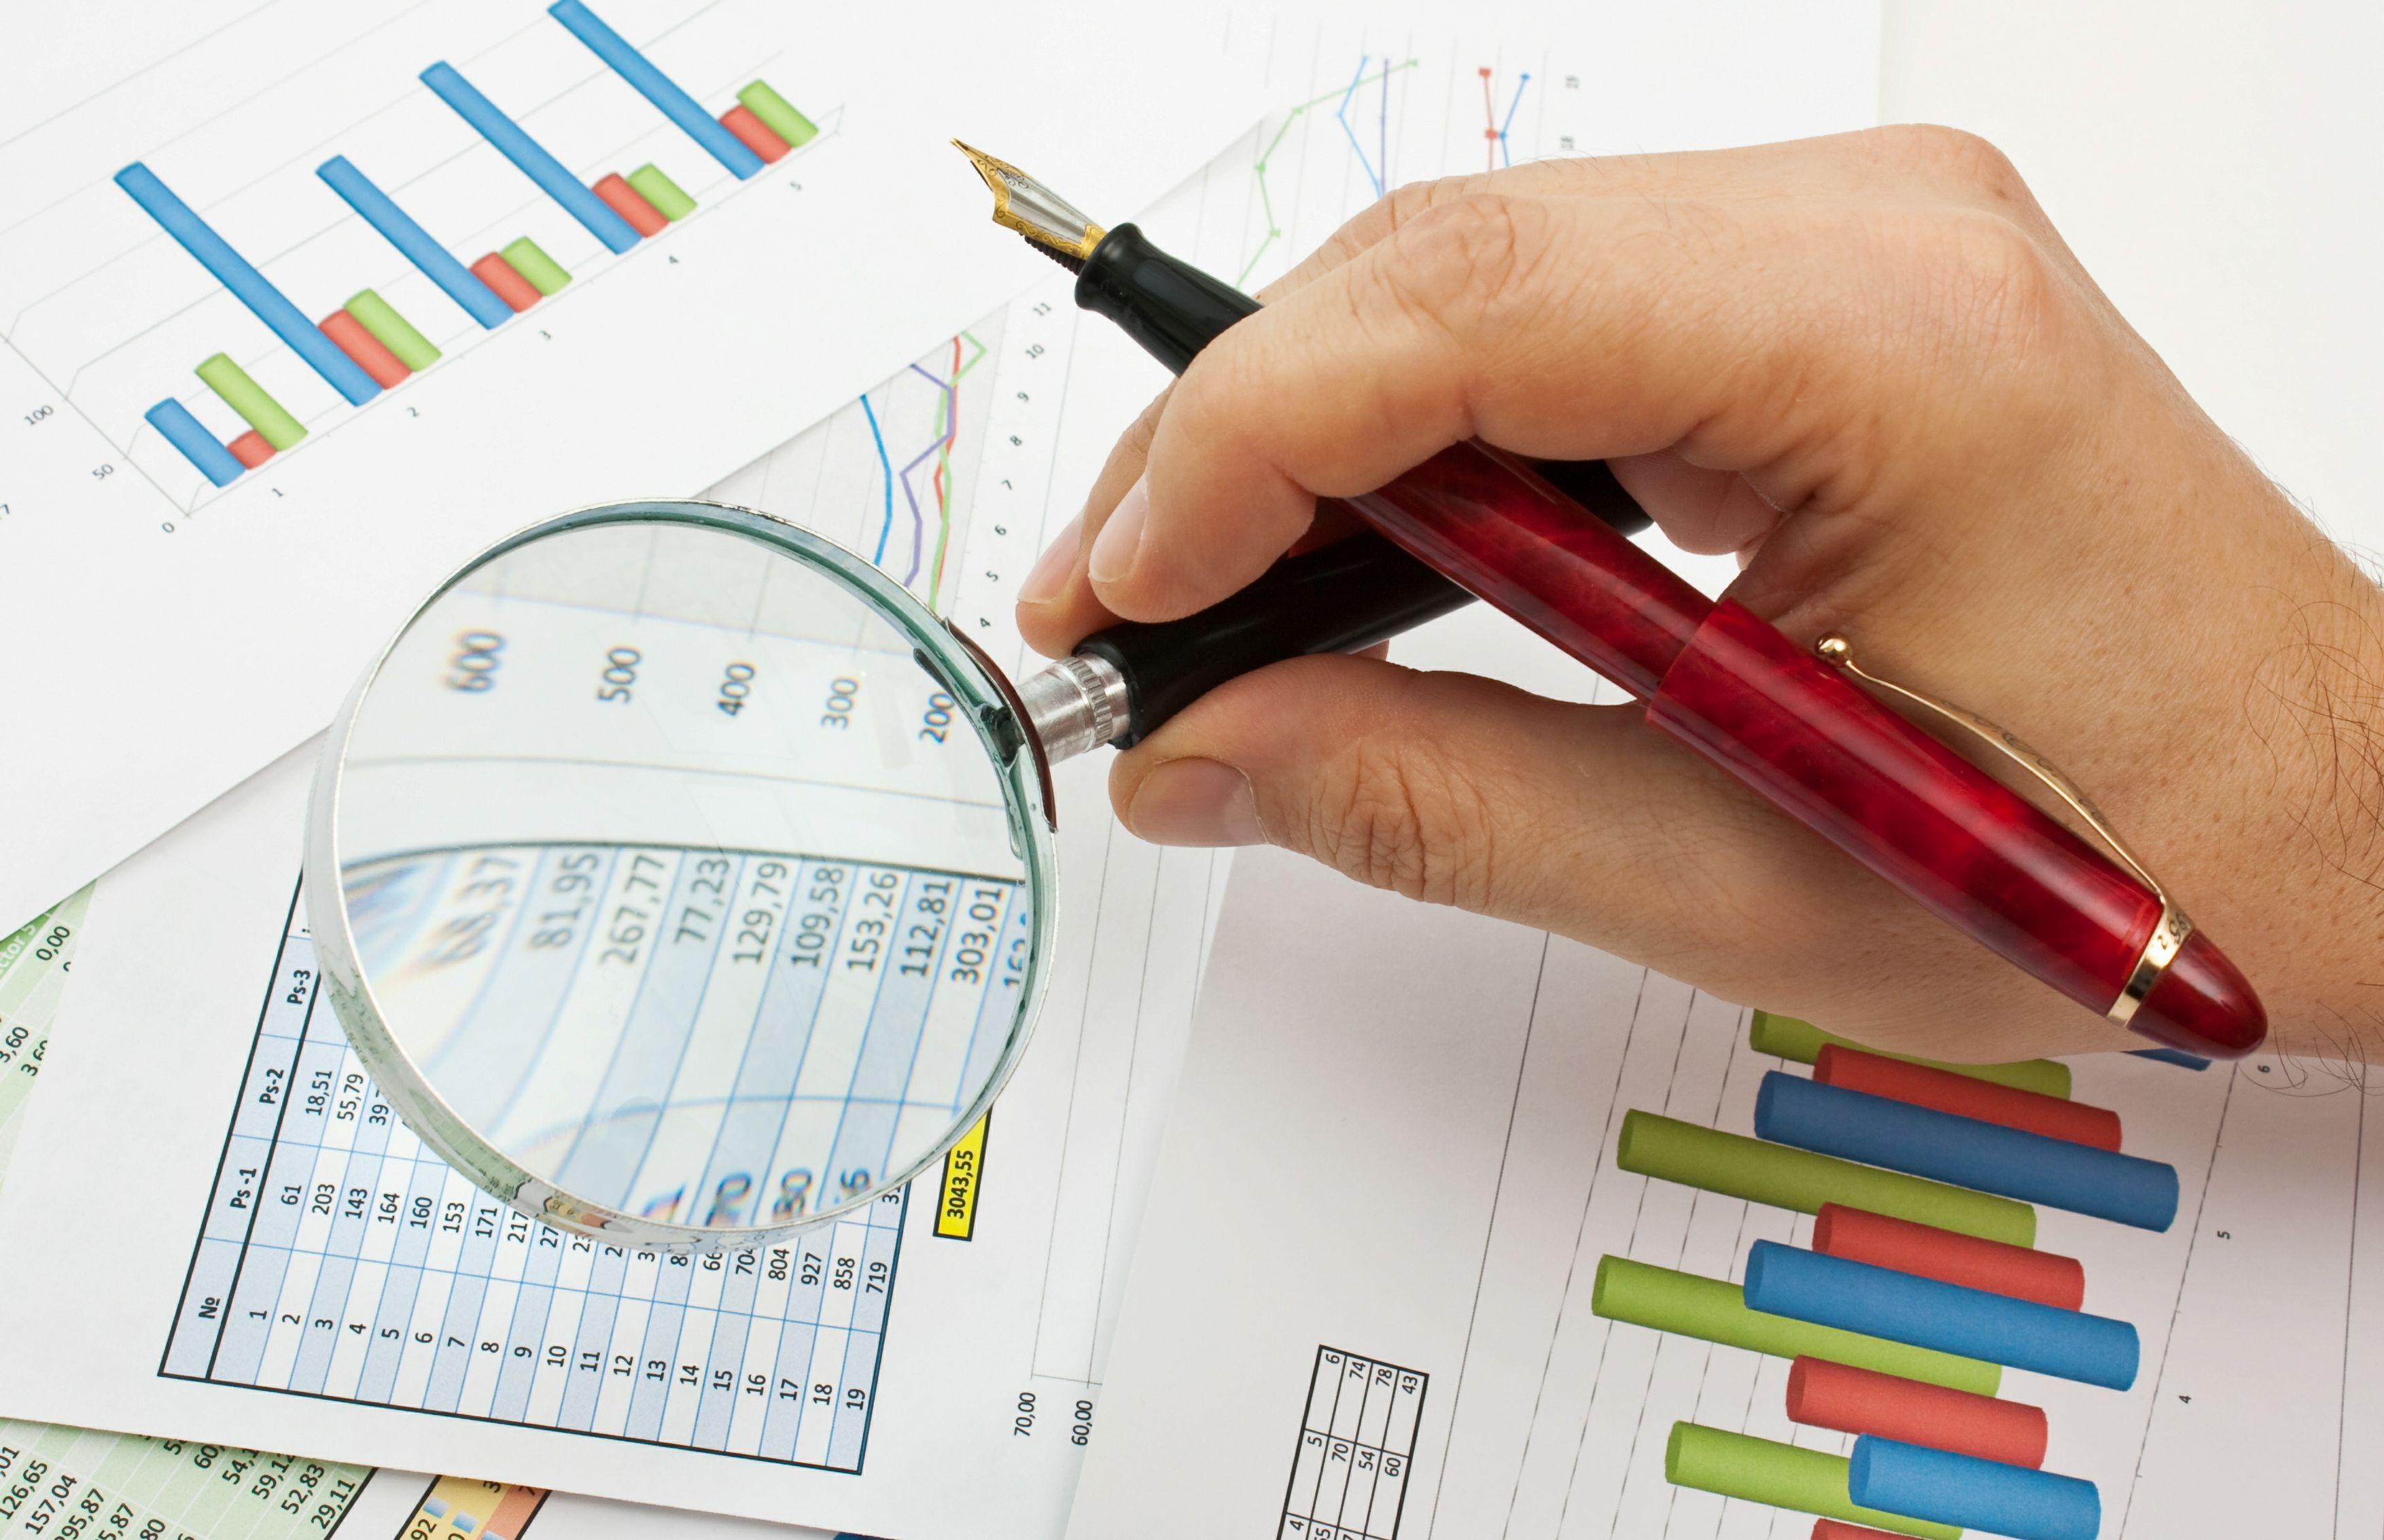 格隆汇港股聚焦(10.14)︱中信证券9月母公司净利升35.52%至7.18亿元 招商局置地前9月合同销售增长19%至261.45亿元